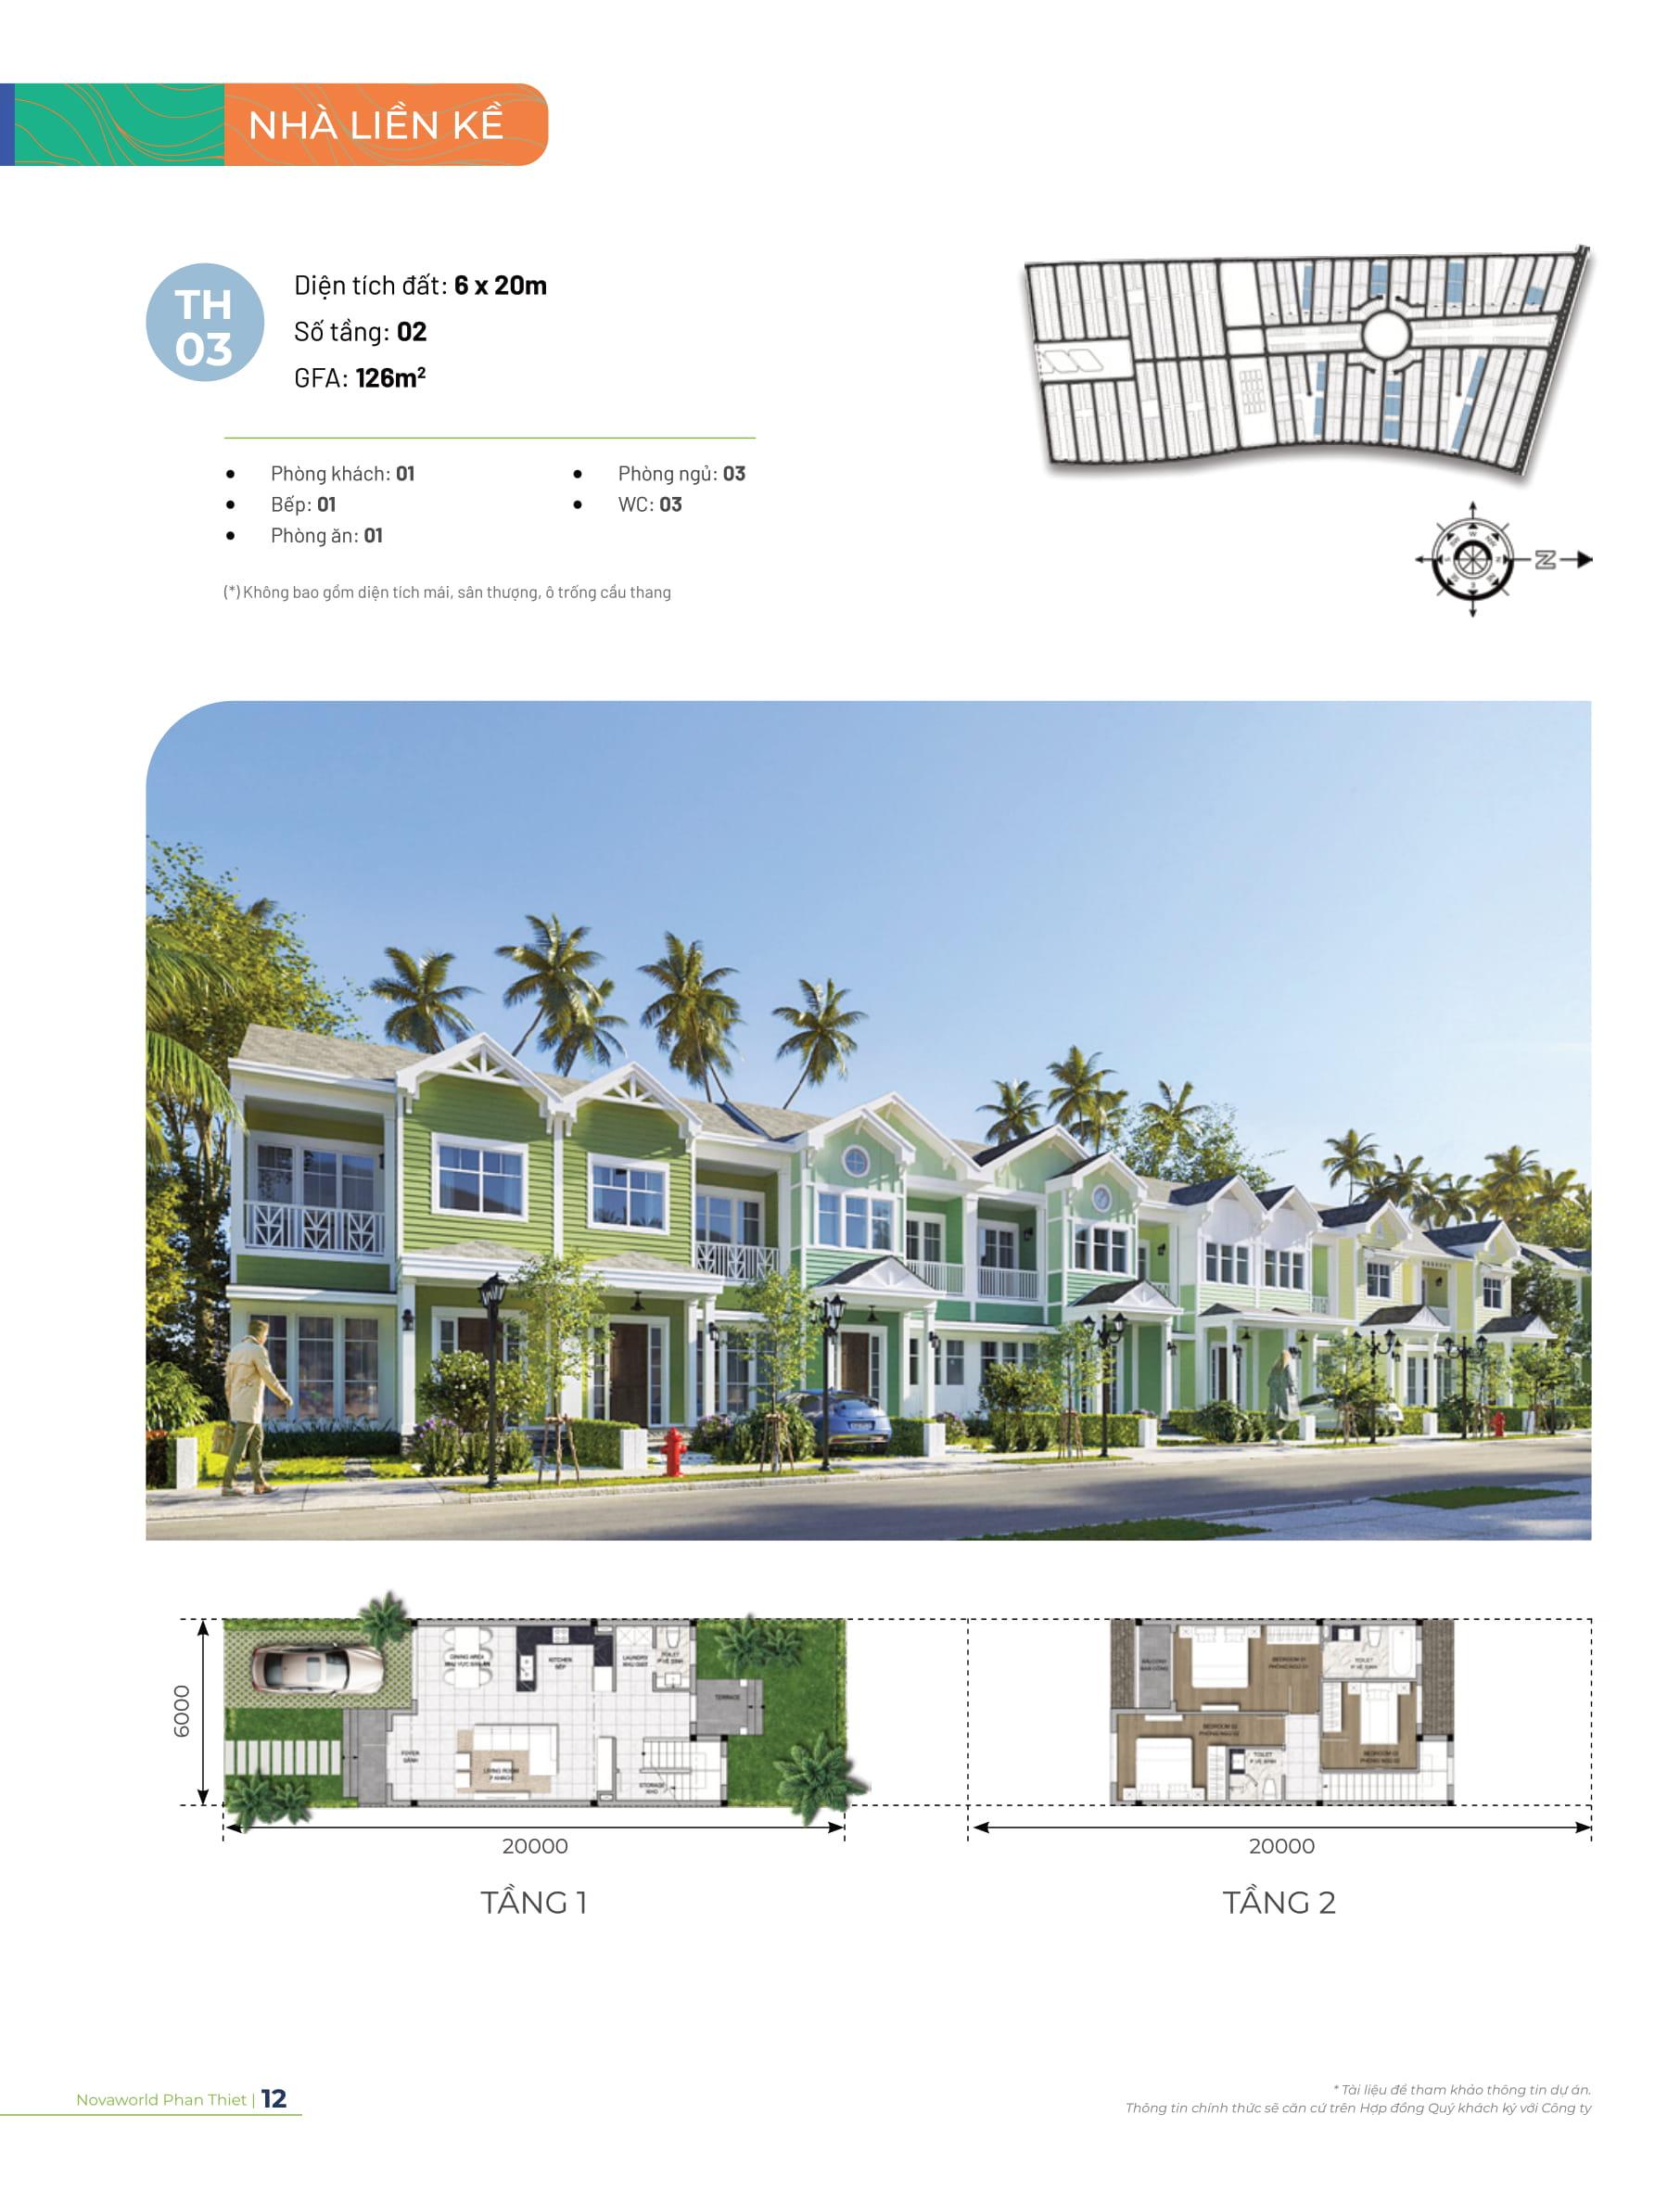 mb-nwp-plans-4b-210820-11